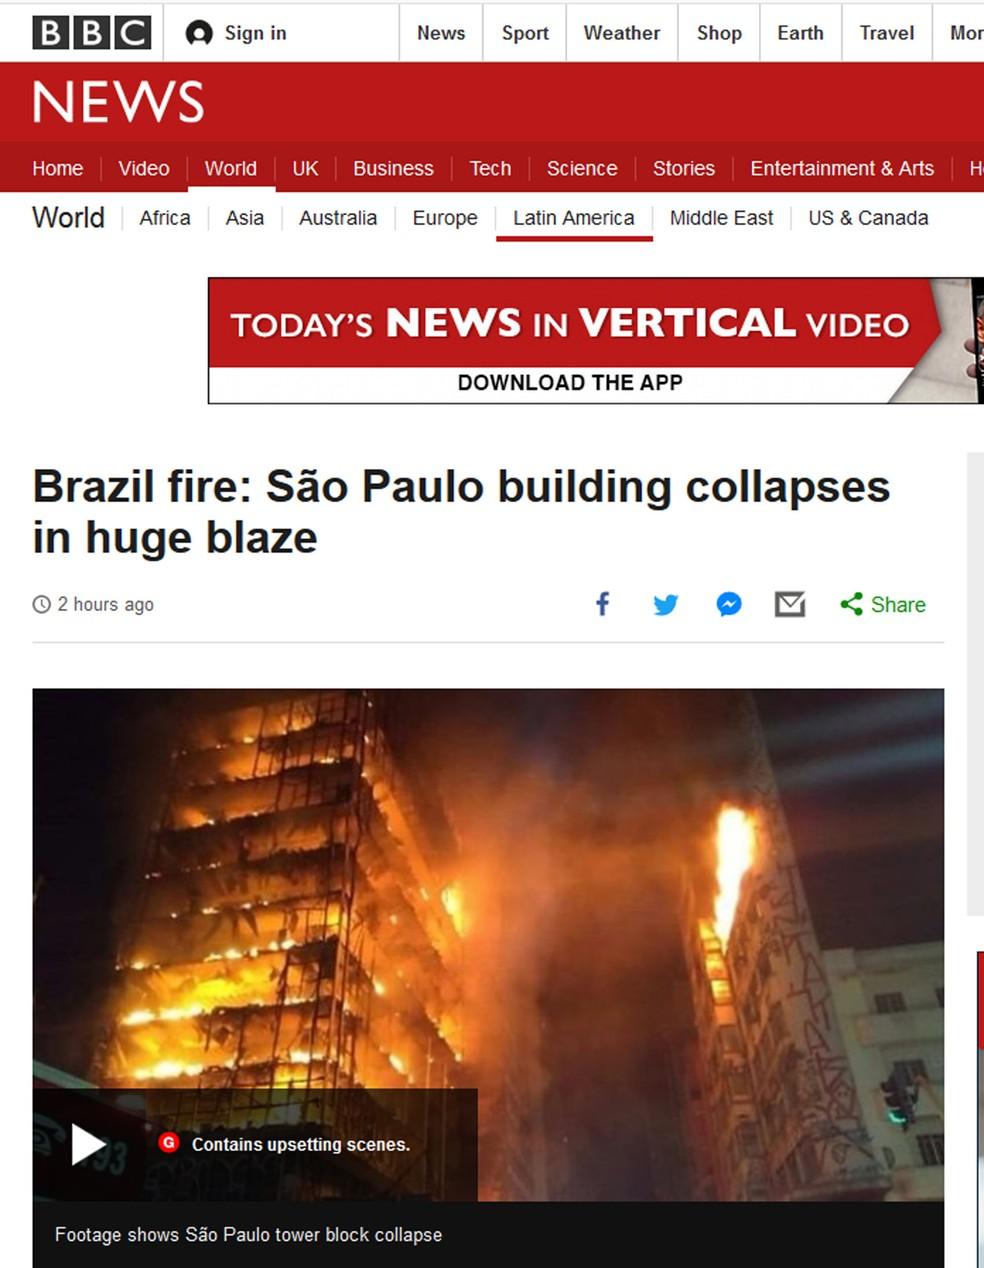 'Incêncio no Brasil: prédio em São Paulo desmorona com enormes chamas (Foto: Reprodução/BBC)